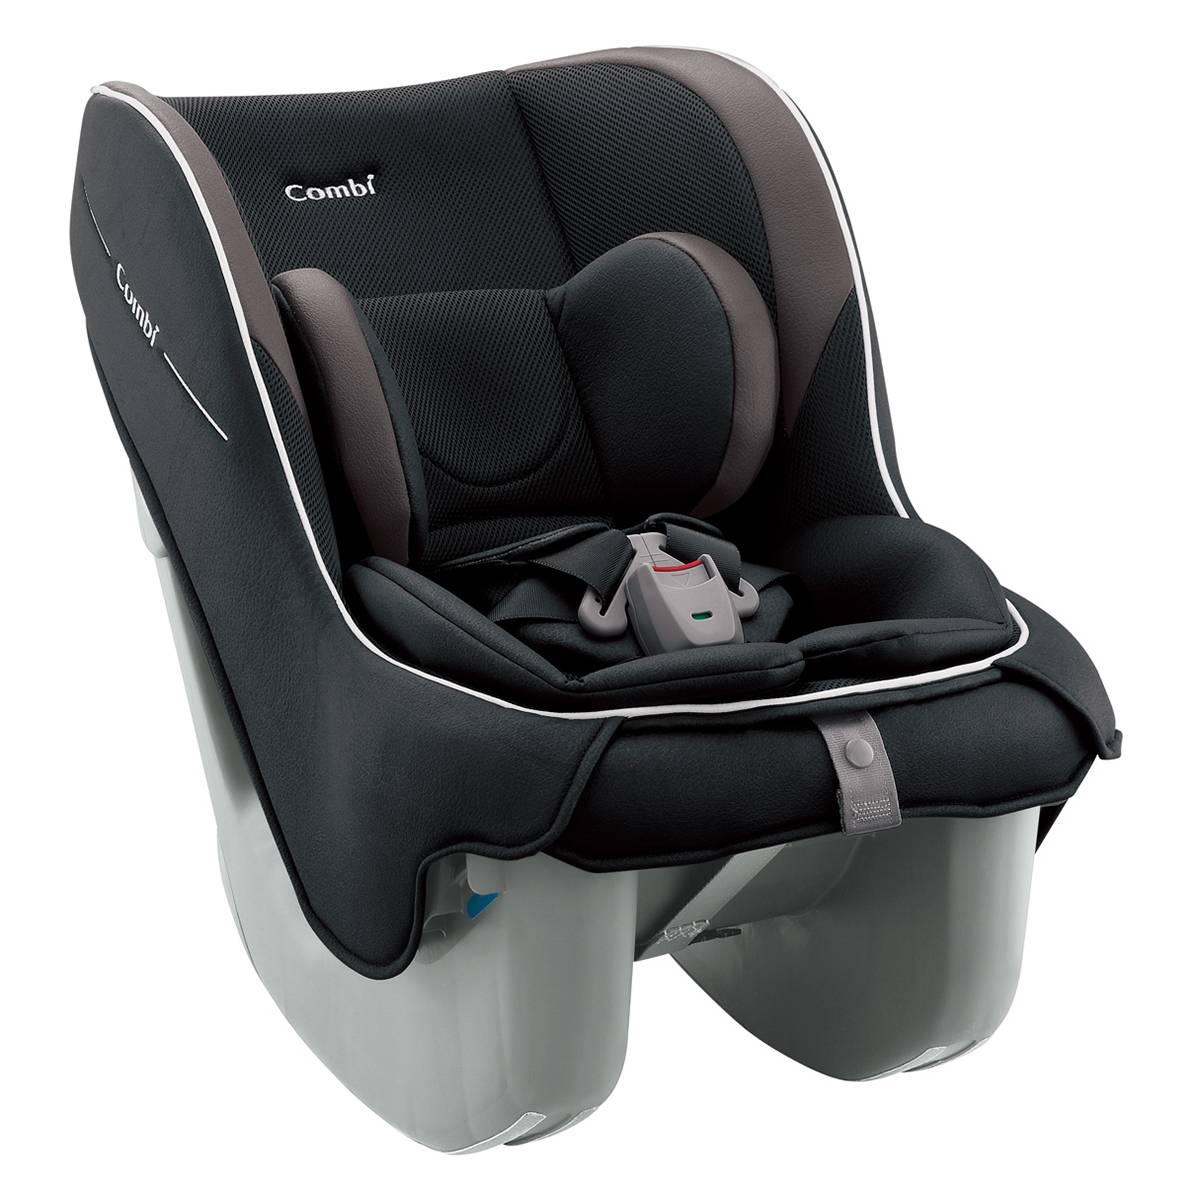 Ghế ô tô Combi Coccoro EG màu đen